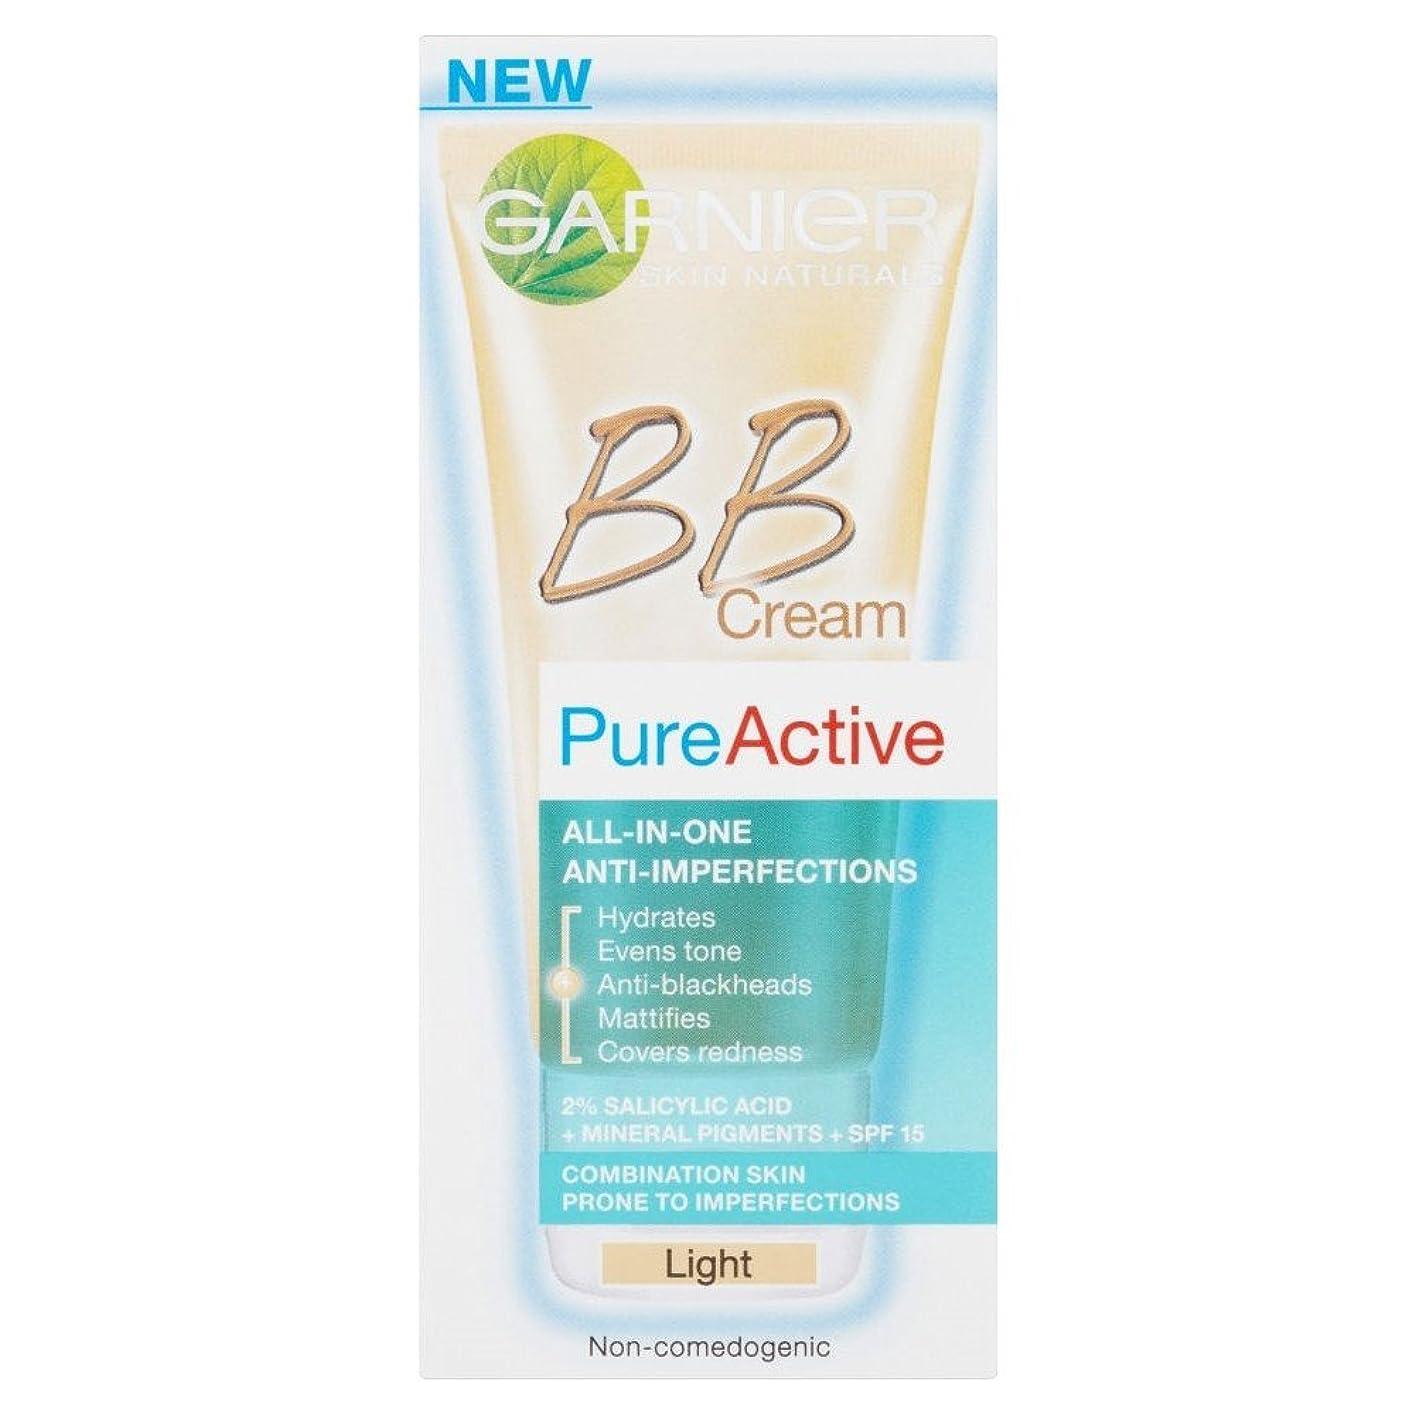 遺体安置所多くの危険がある状況最大限Garnier Pure Active BB Cream - Light (50ml) ガルニエ純粋な活性bbクリーム - 光( 50ミリリットル) [並行輸入品]